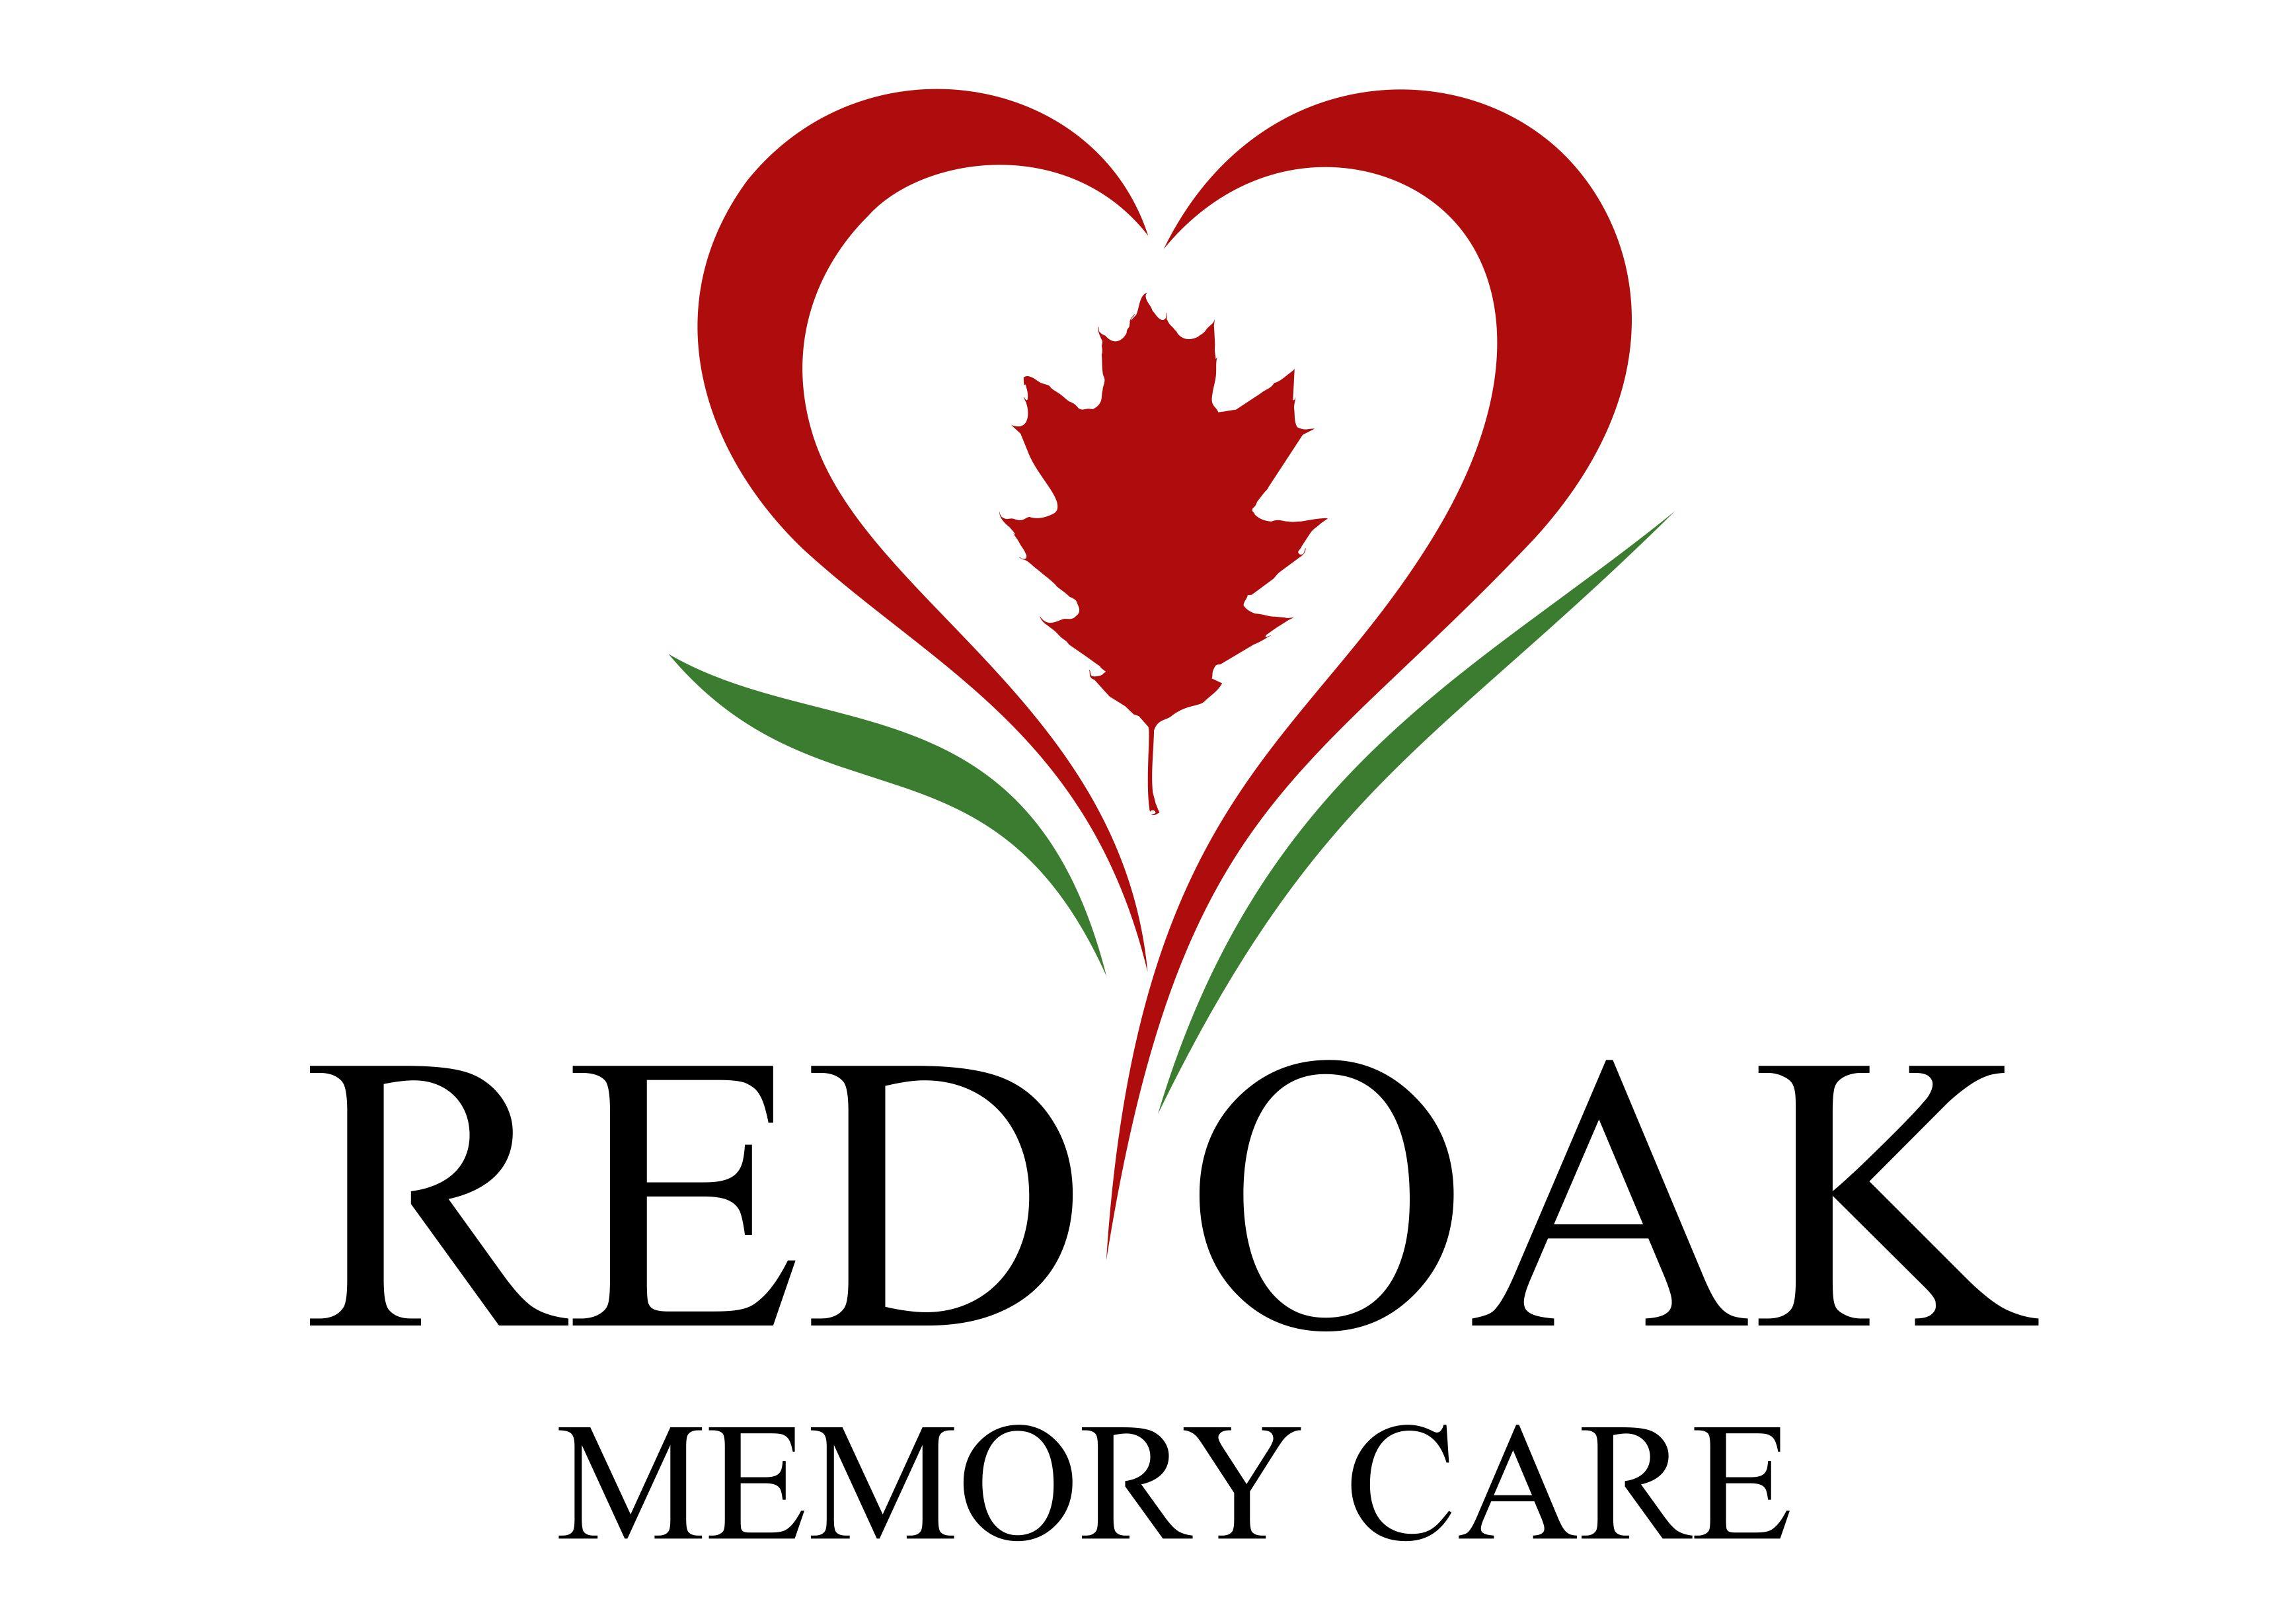 Red Oak Memory Care, LLC